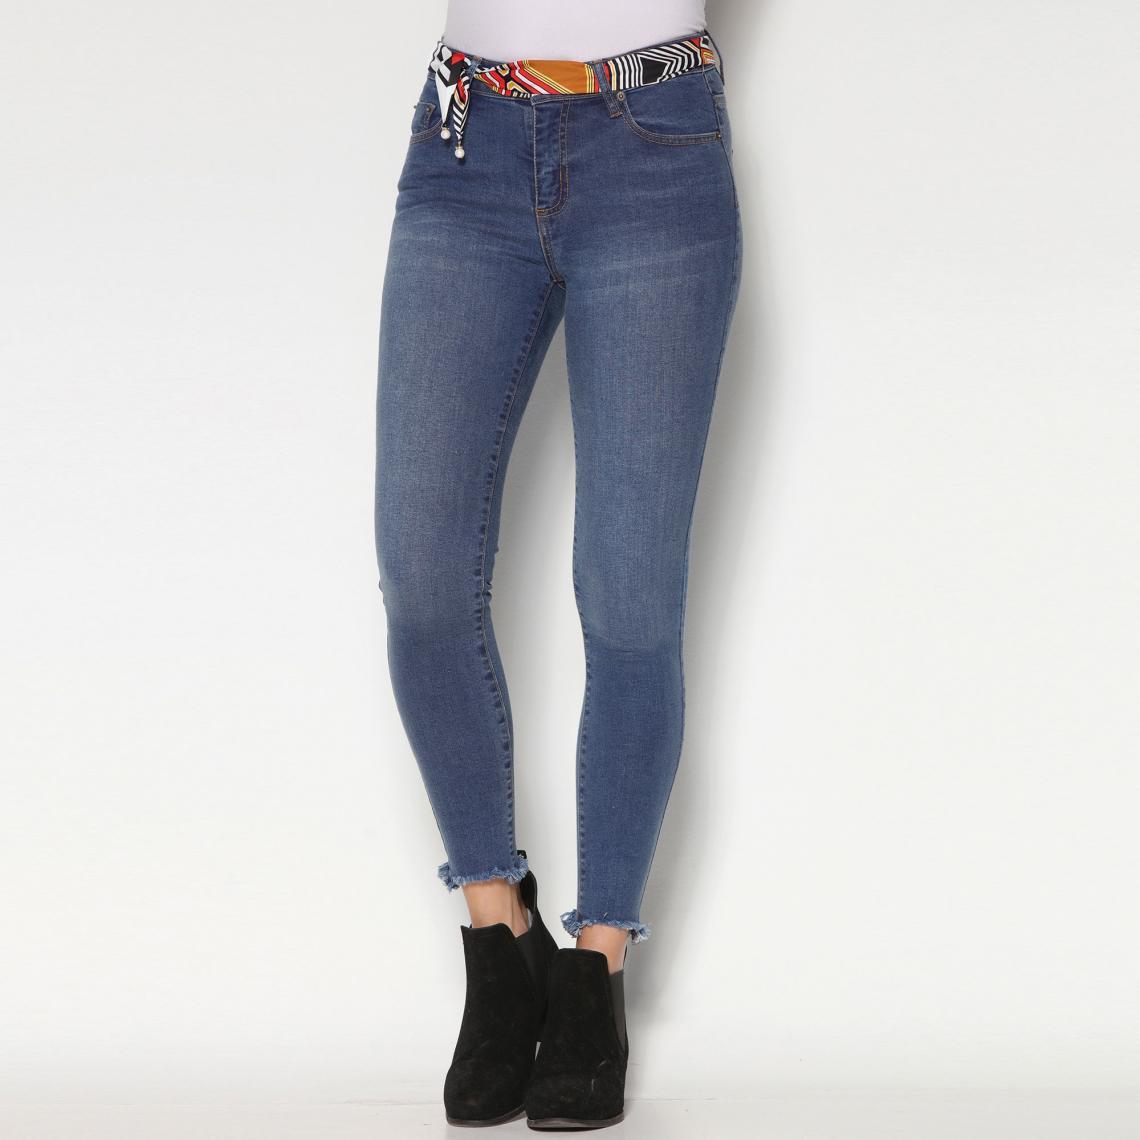 1087b5b4a79f Jeans skinny femme 3 Suisses Cliquez l image pour l agrandir. Jean skinny  sur chevilles bas effilochés et ceinture femme exclusivité 3Suisses - Bleu  ...